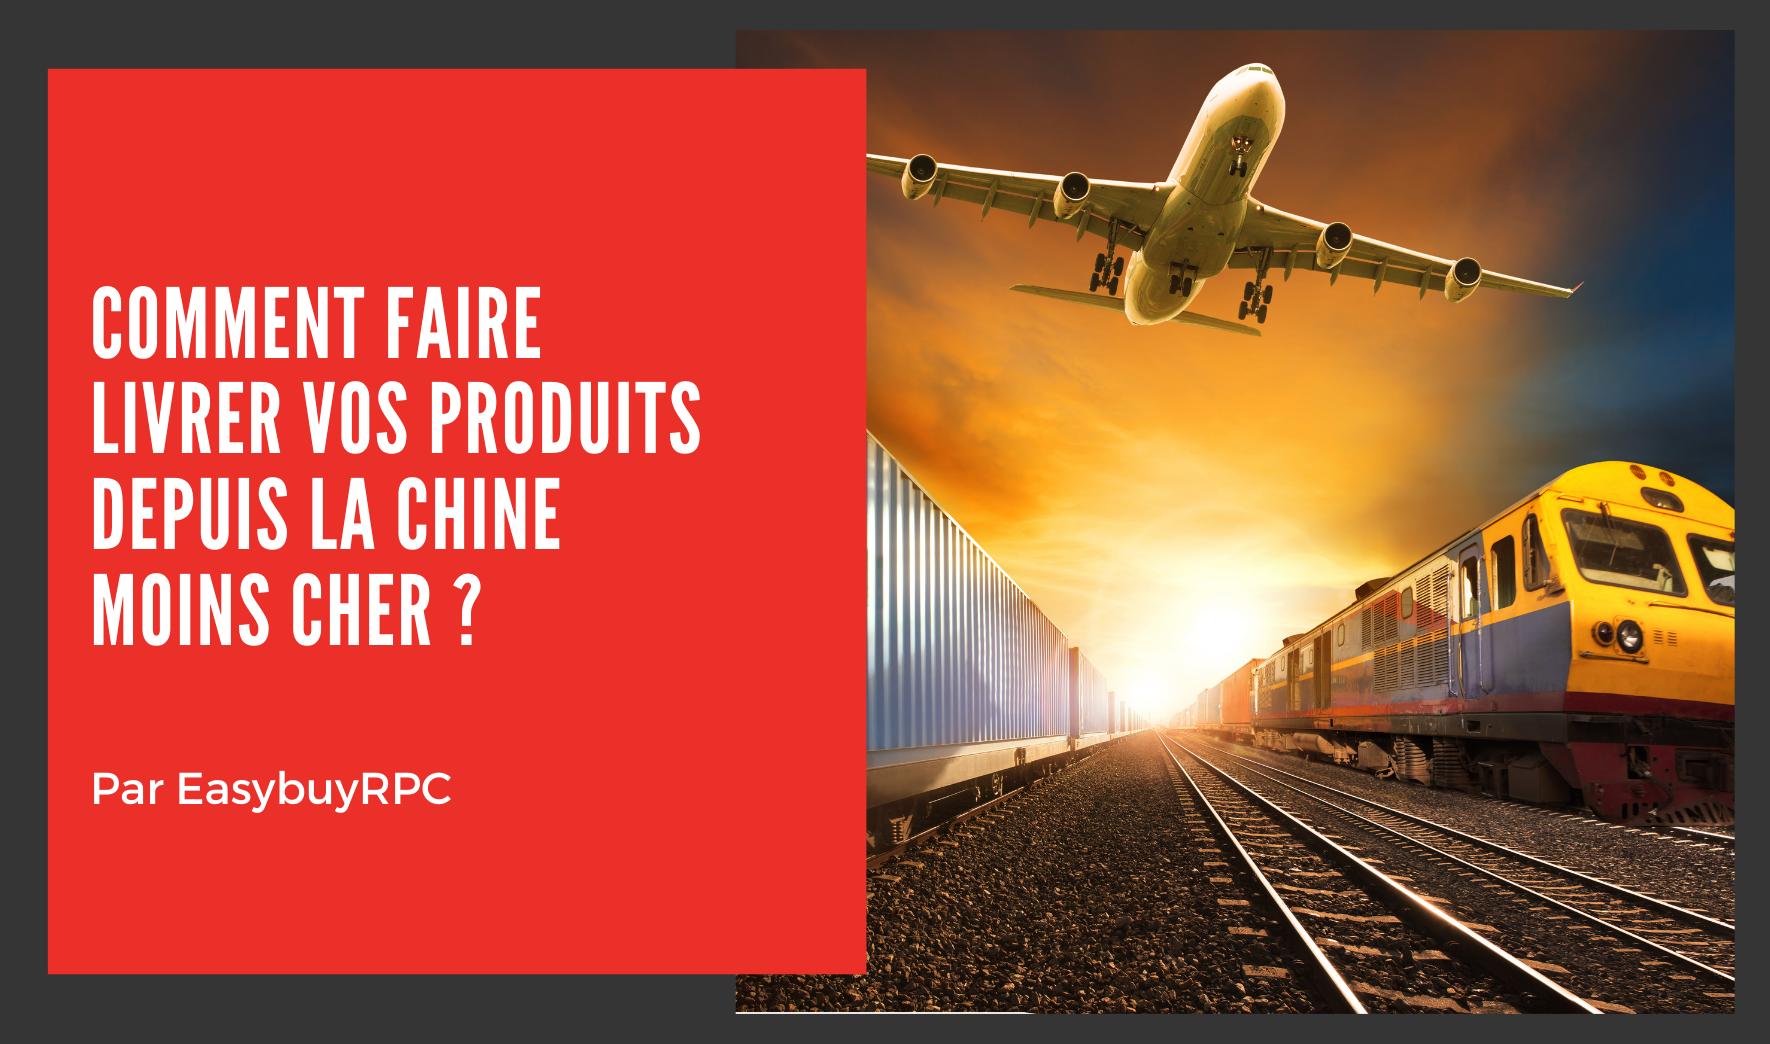 Comment faire livrer vos produits depuis la Chine moins cher ?